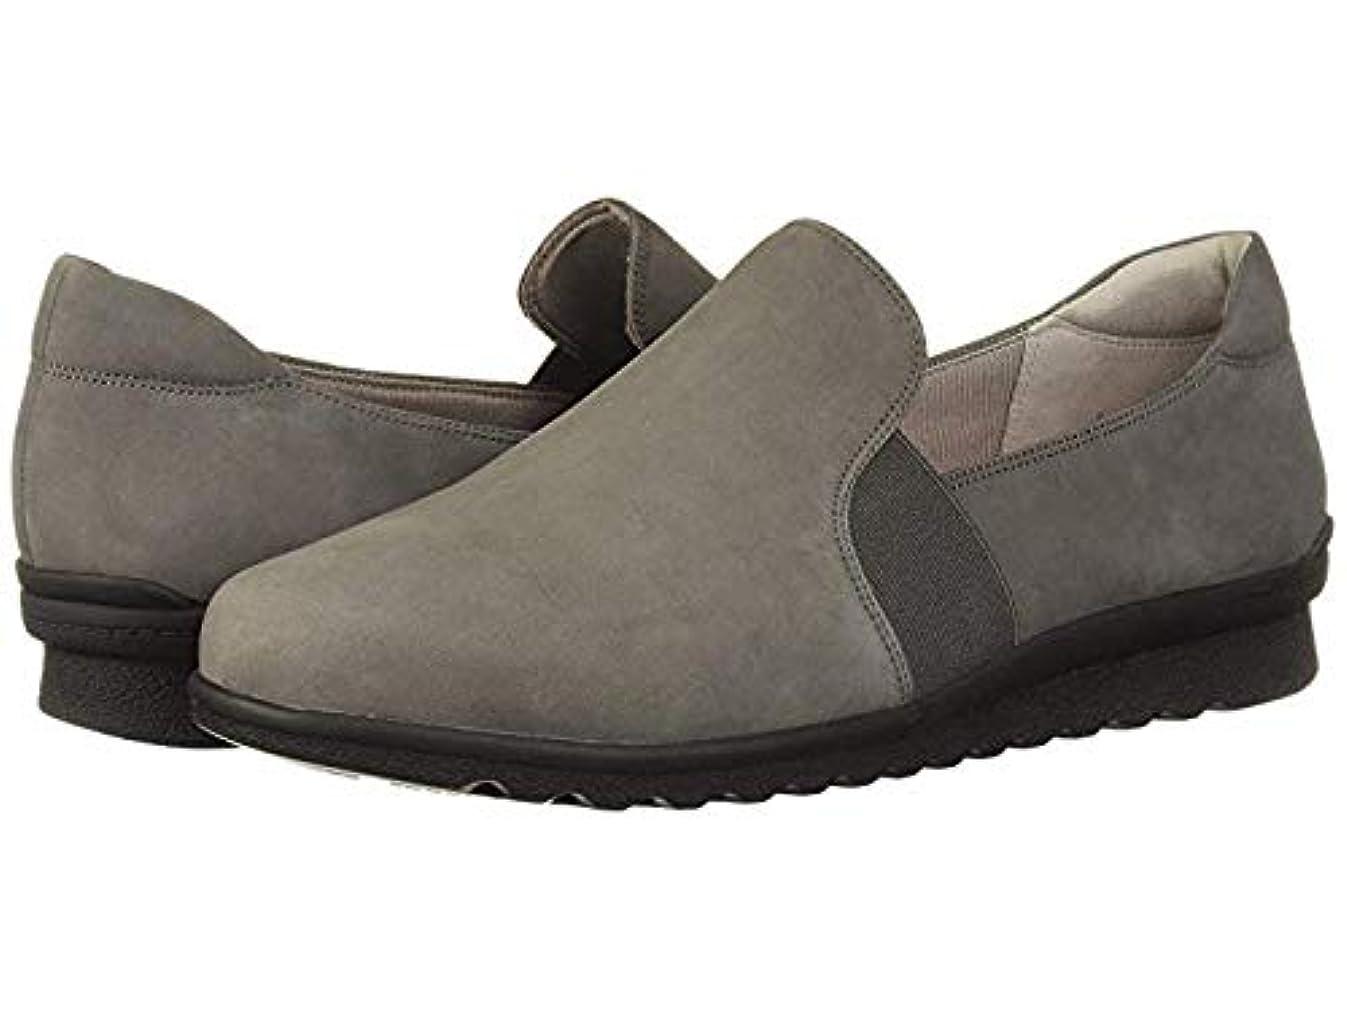 できる軽蔑する優先権[ARAVON(アラヴォン)] レディースローファー?靴 Josie Double Gore Slip Brown (23.5cm) M (B) [並行輸入品]